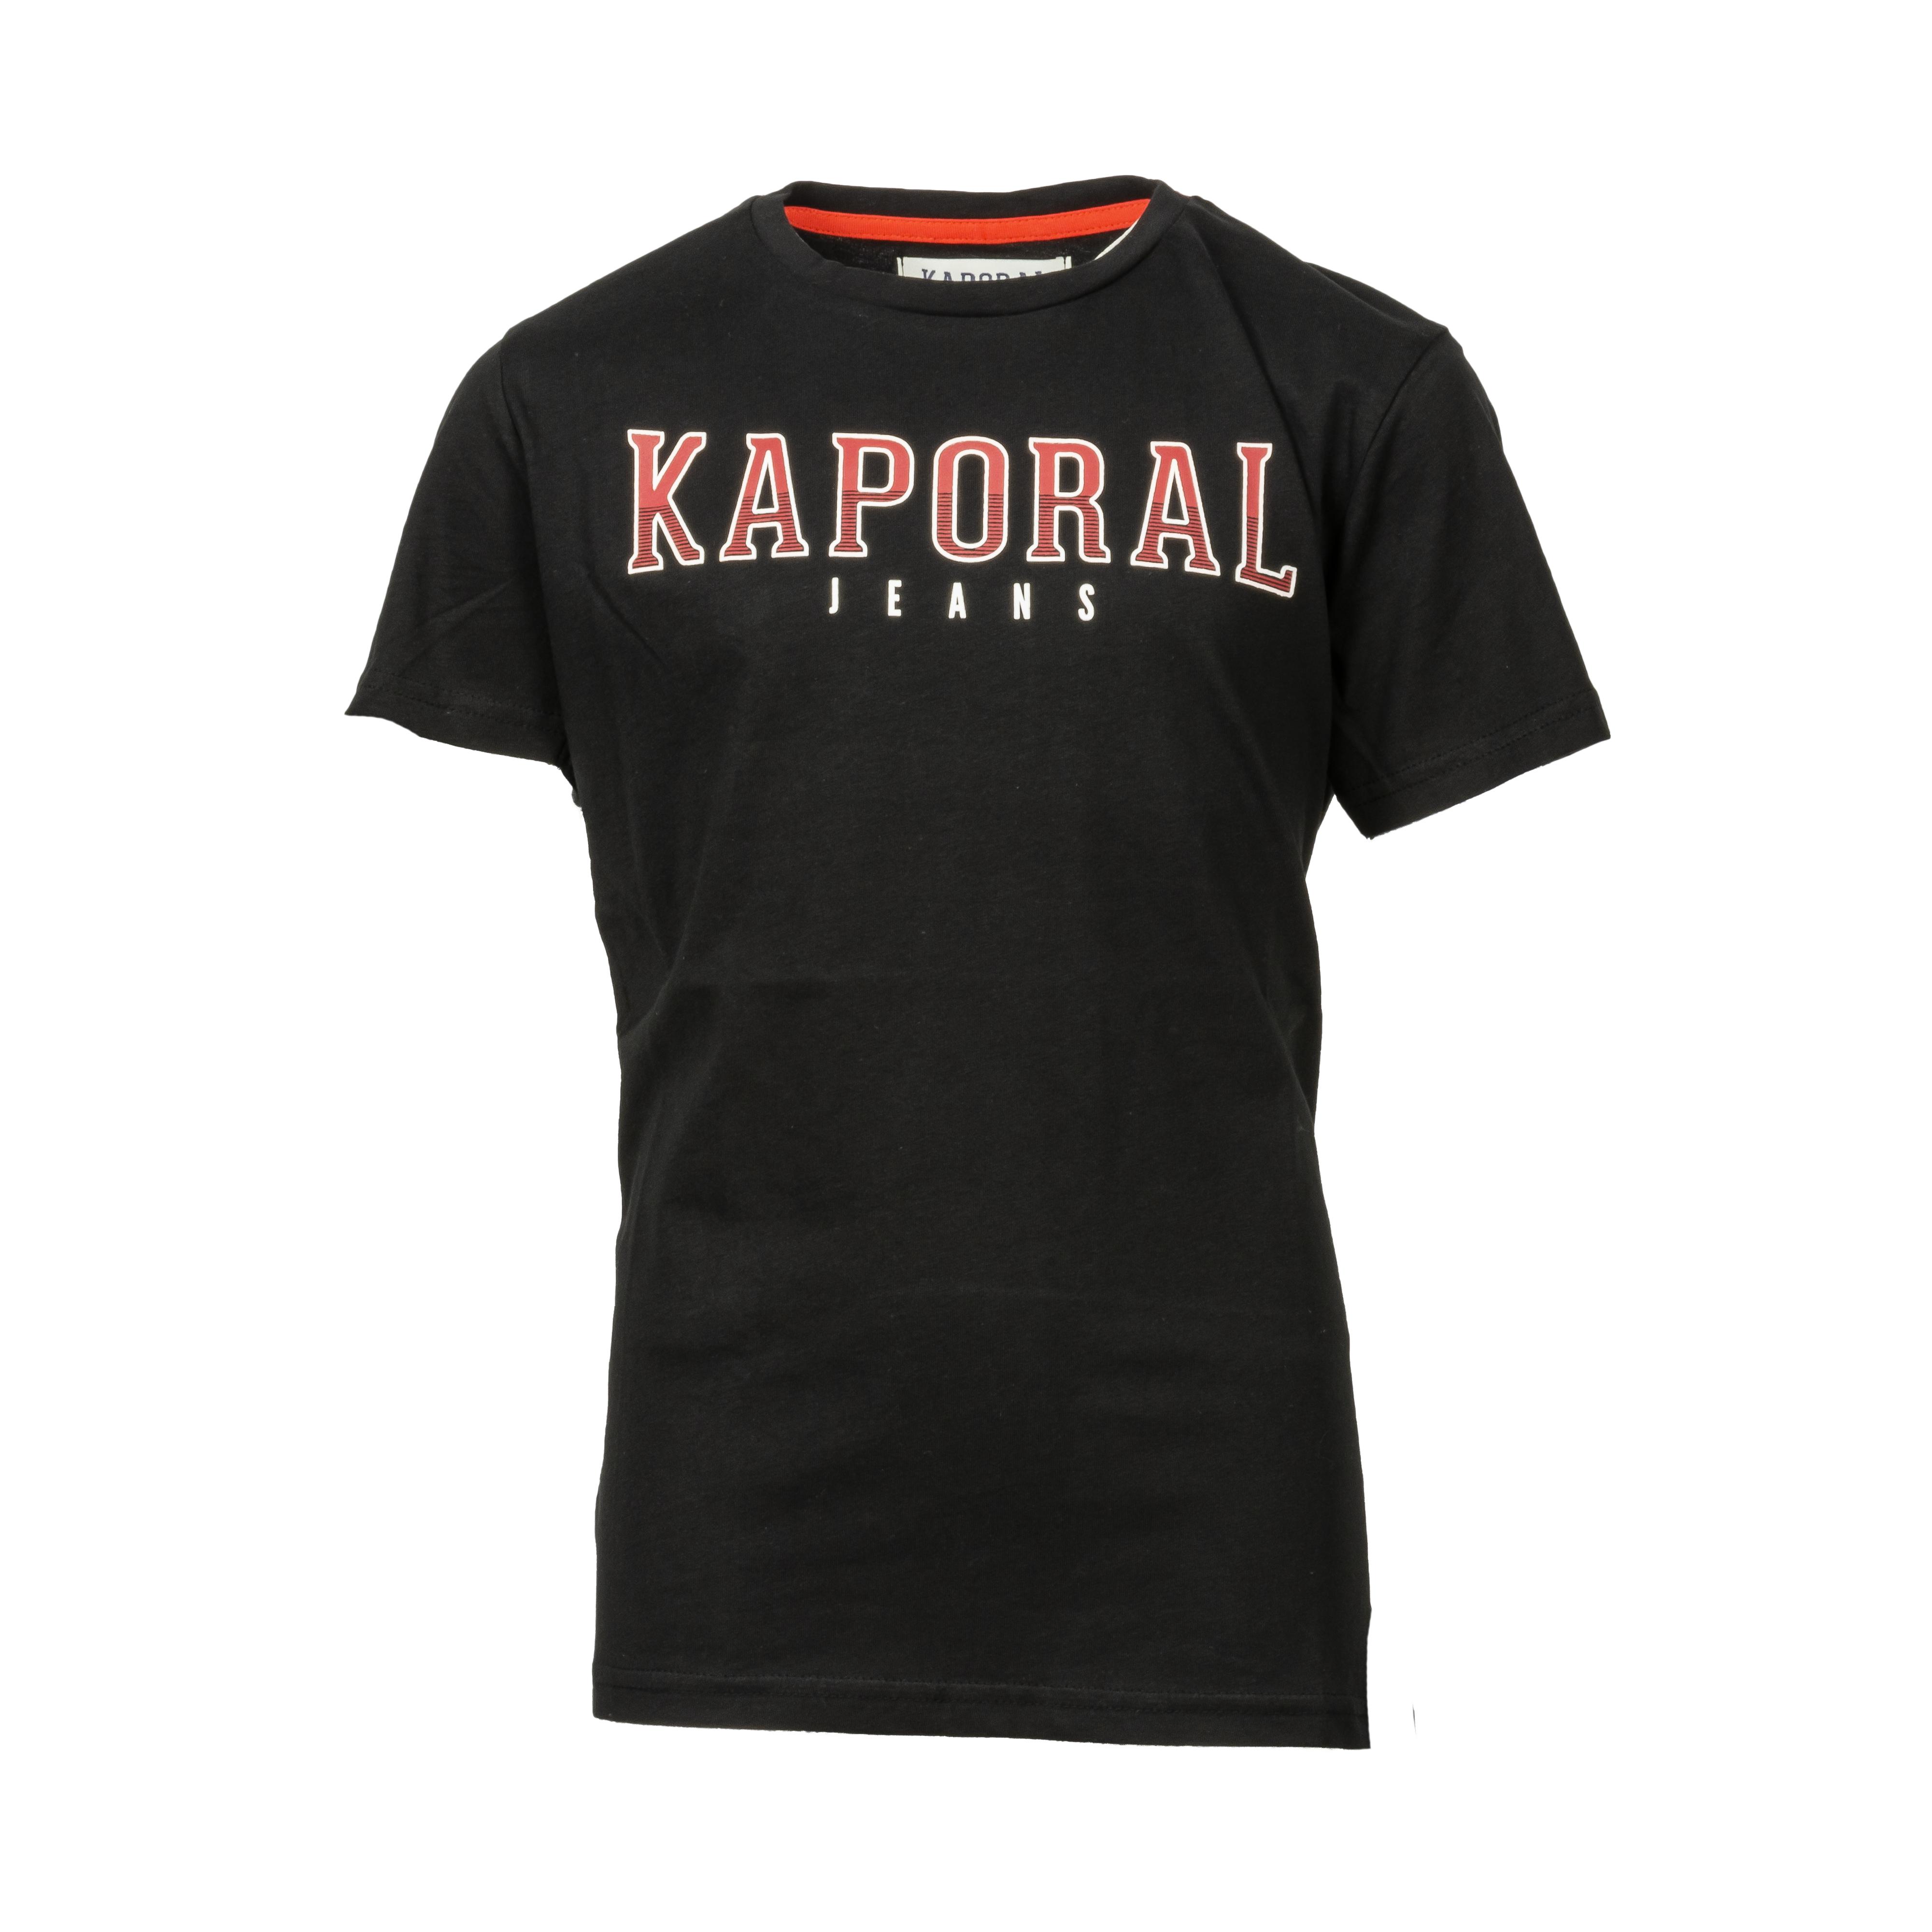 Tee-shirt col rond kaporal enard en coton noir imprimé